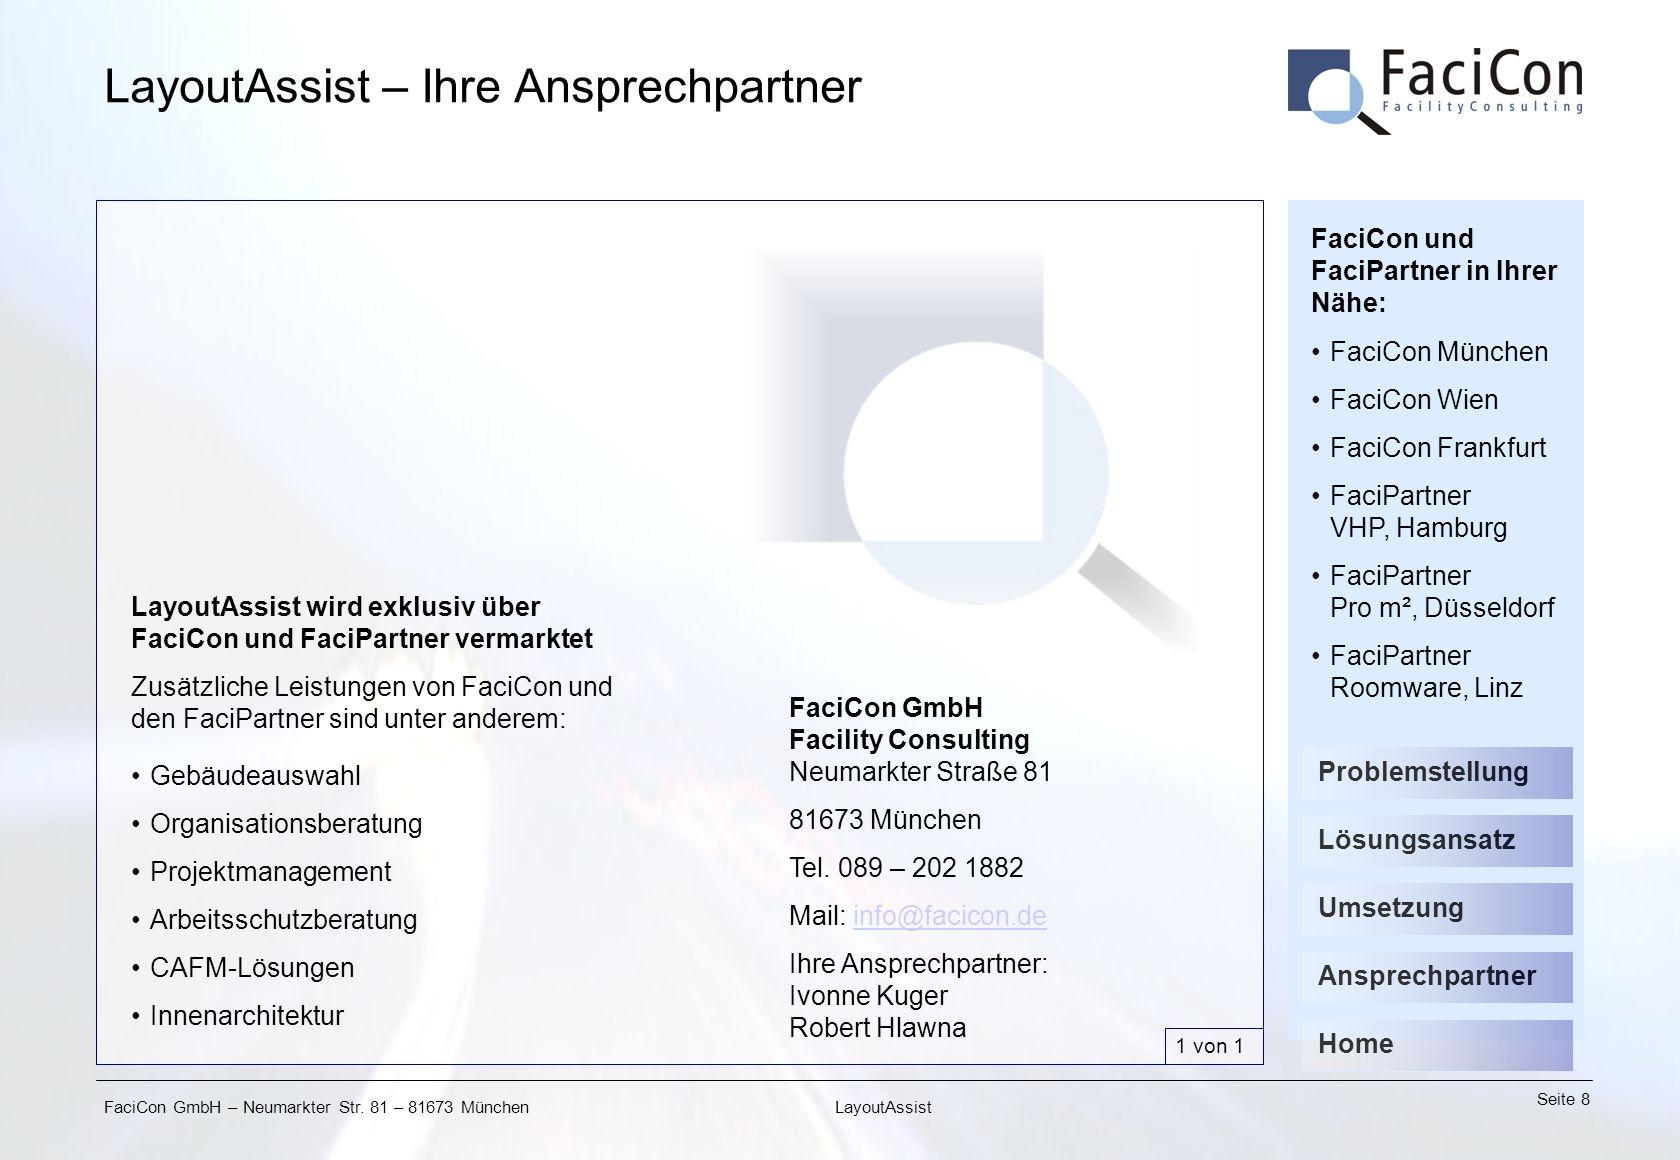 FaciCon GmbH – Neumarkter Str. 81 – 81673 München Seite 8 LayoutAssist LayoutAssist – Ihre Ansprechpartner LayoutAssist wird exklusiv über FaciCon und